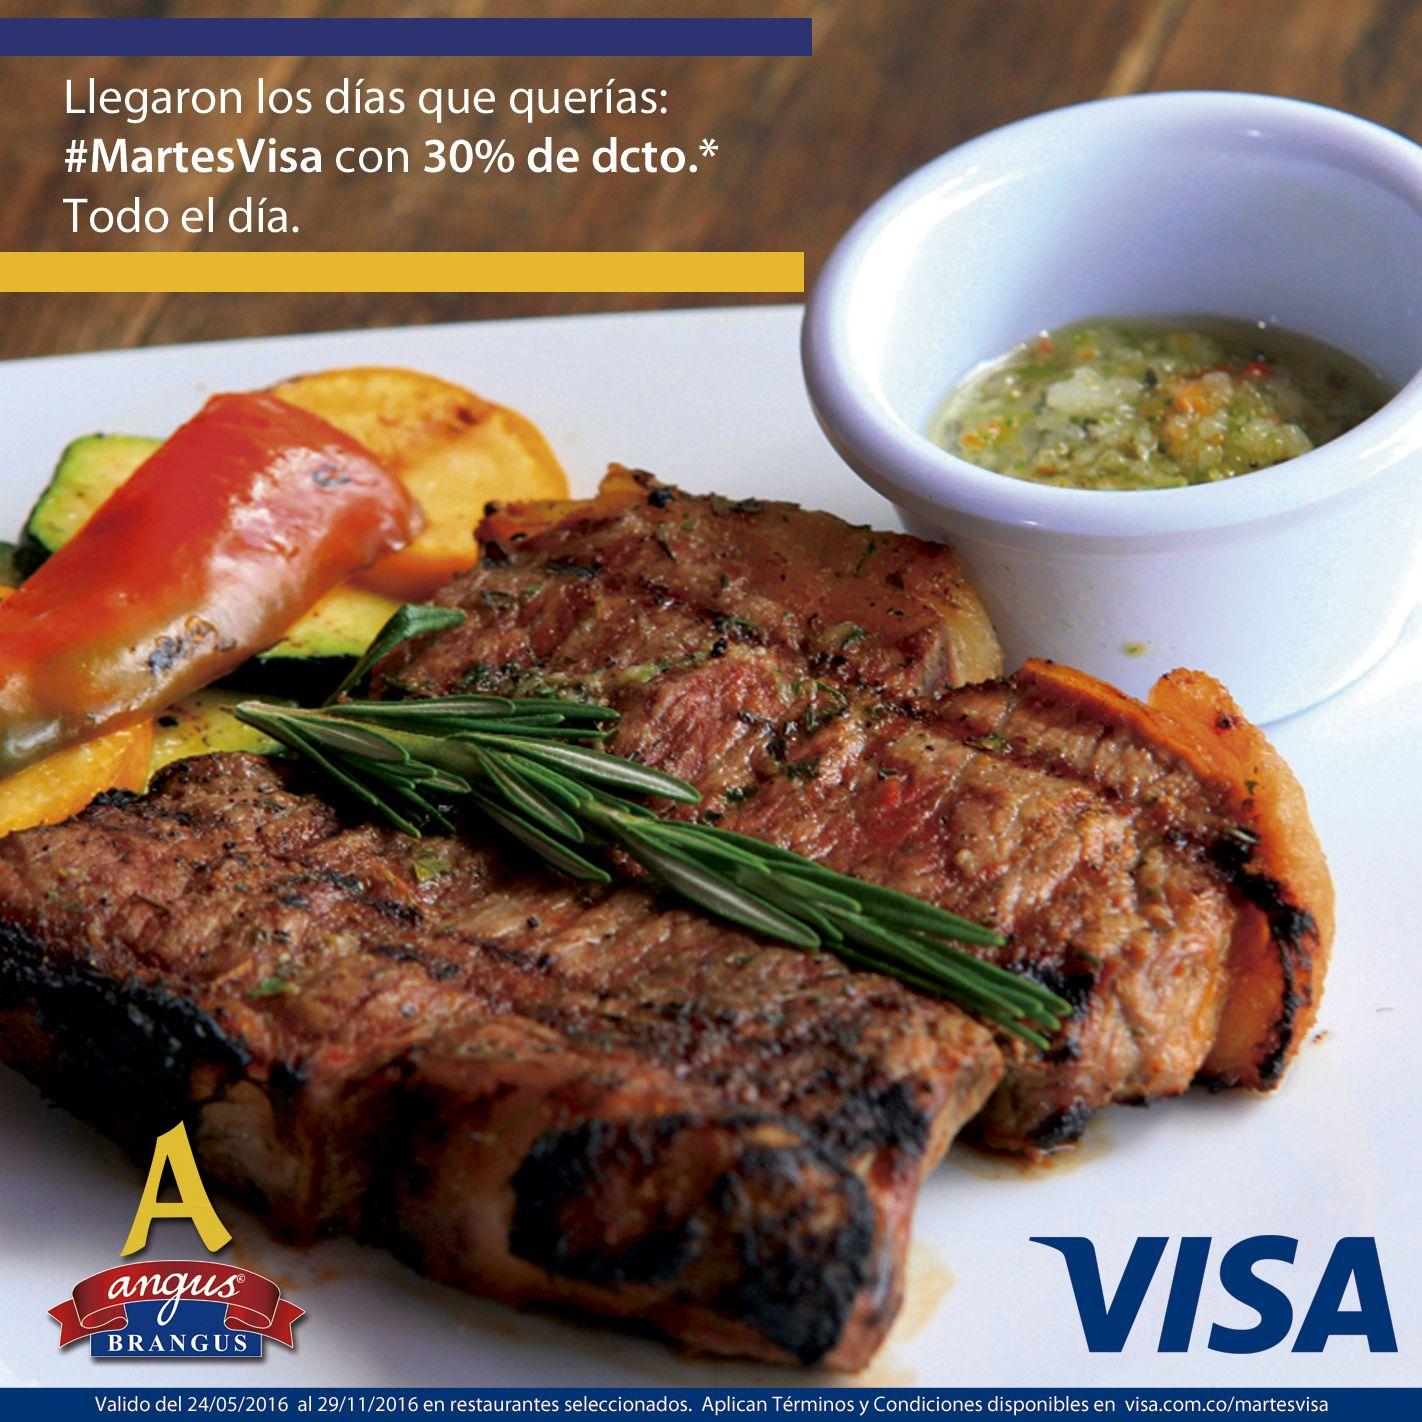 Llegó #MartesVisa y en ANGUS BRANGUS te esperamos con 30% de descuento en comidas y bebidas. ¡Te esperamos!. Aplican condiciones.   Cra. 42 # 34 - 15 / km. 1 Vía las Palmas www.angusbrangus.com.co  #Felizmartes @VisaColombia #restaurantesmedellín #medellin